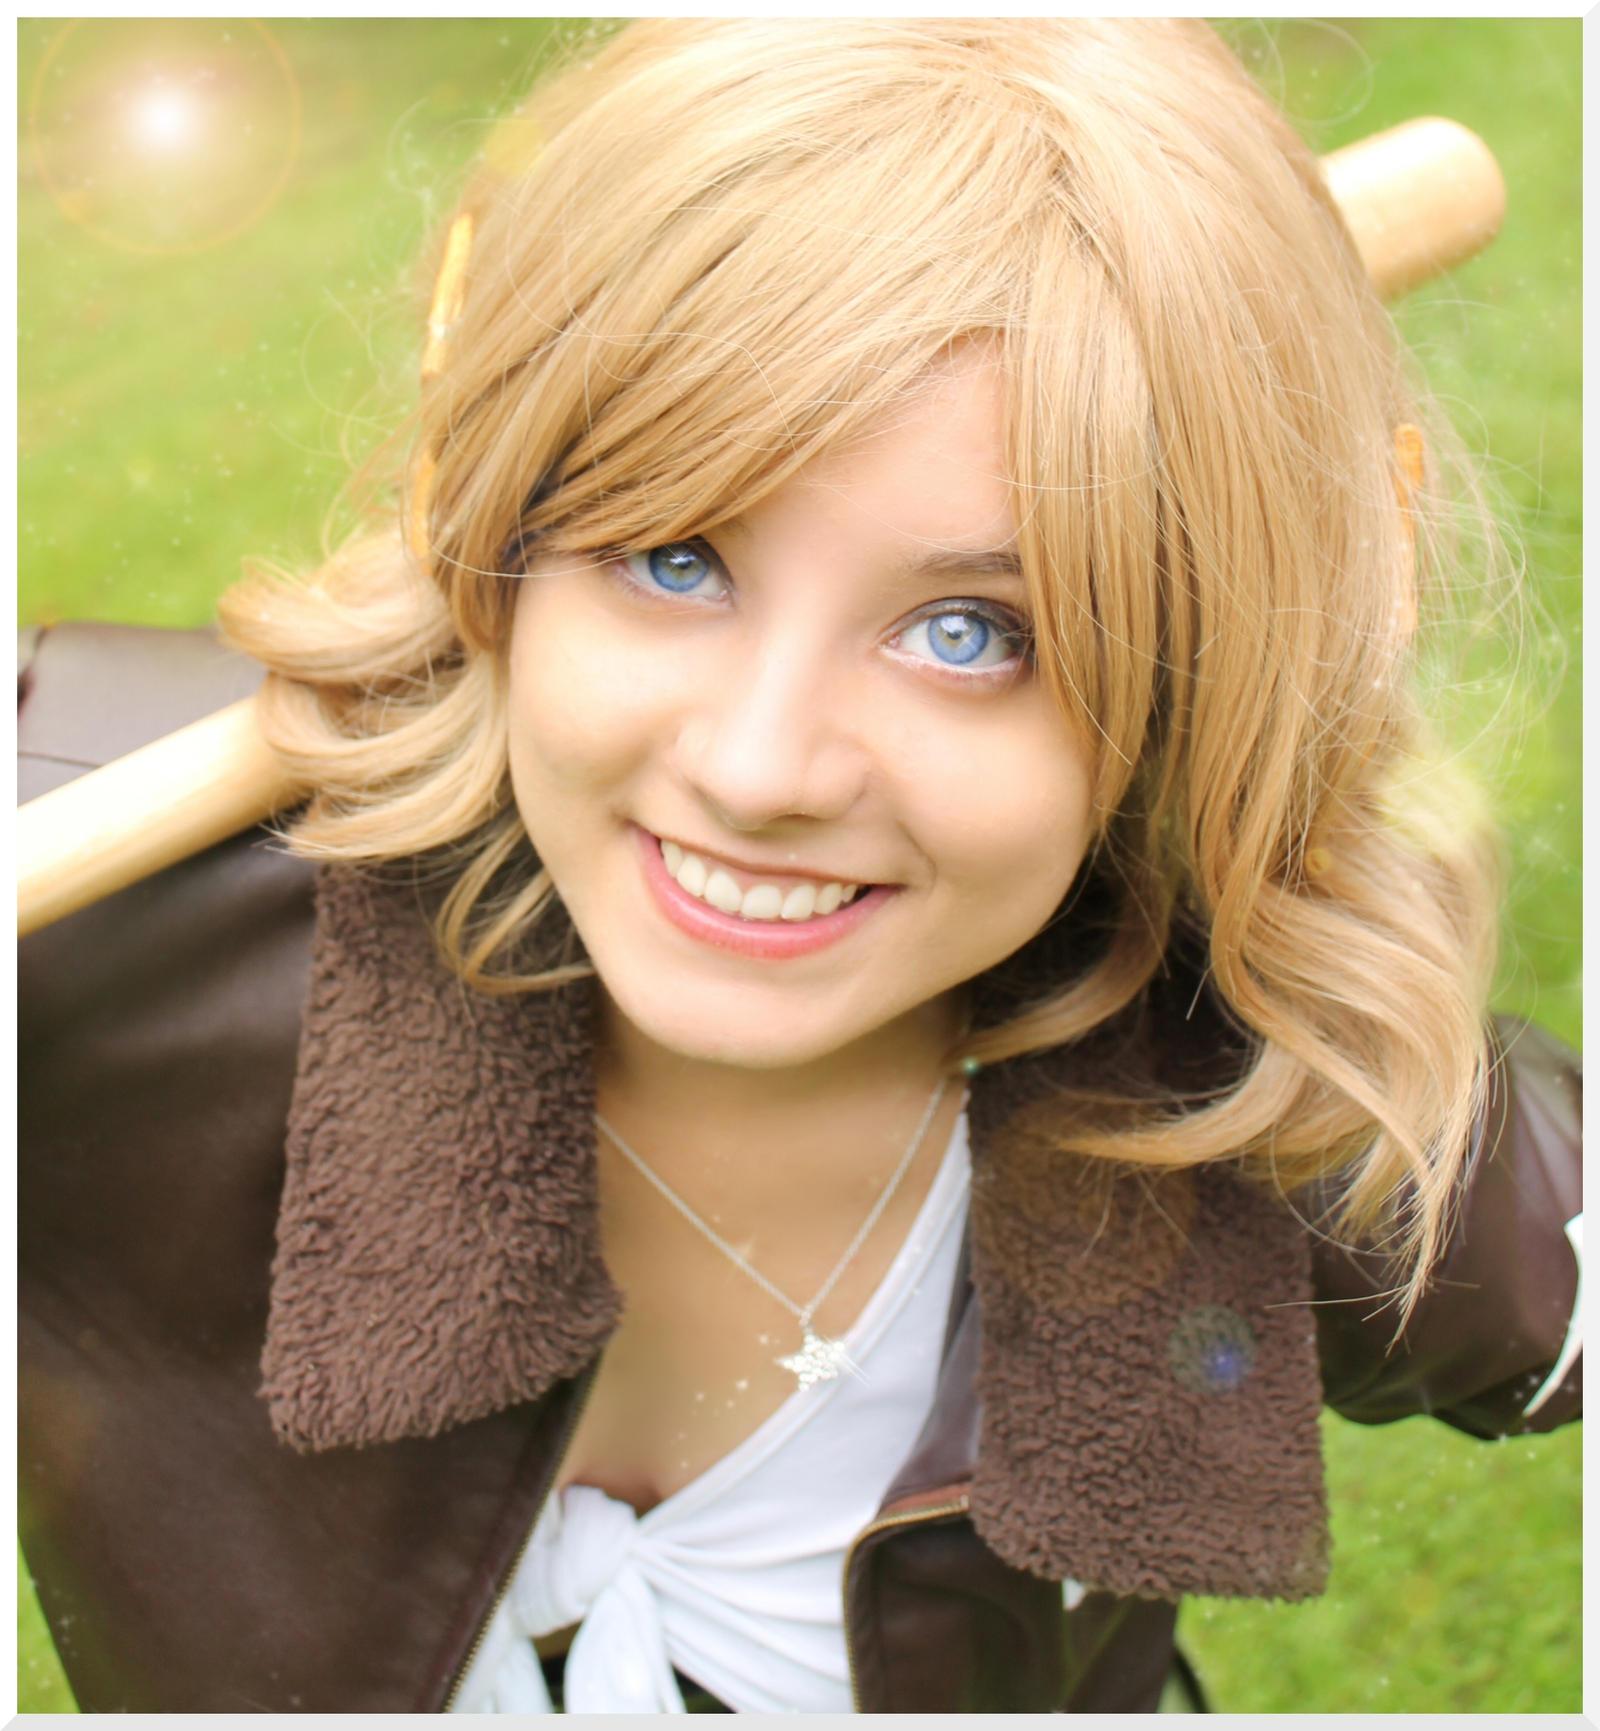 Nyotalia America - Bright Smile by Nazu-chan